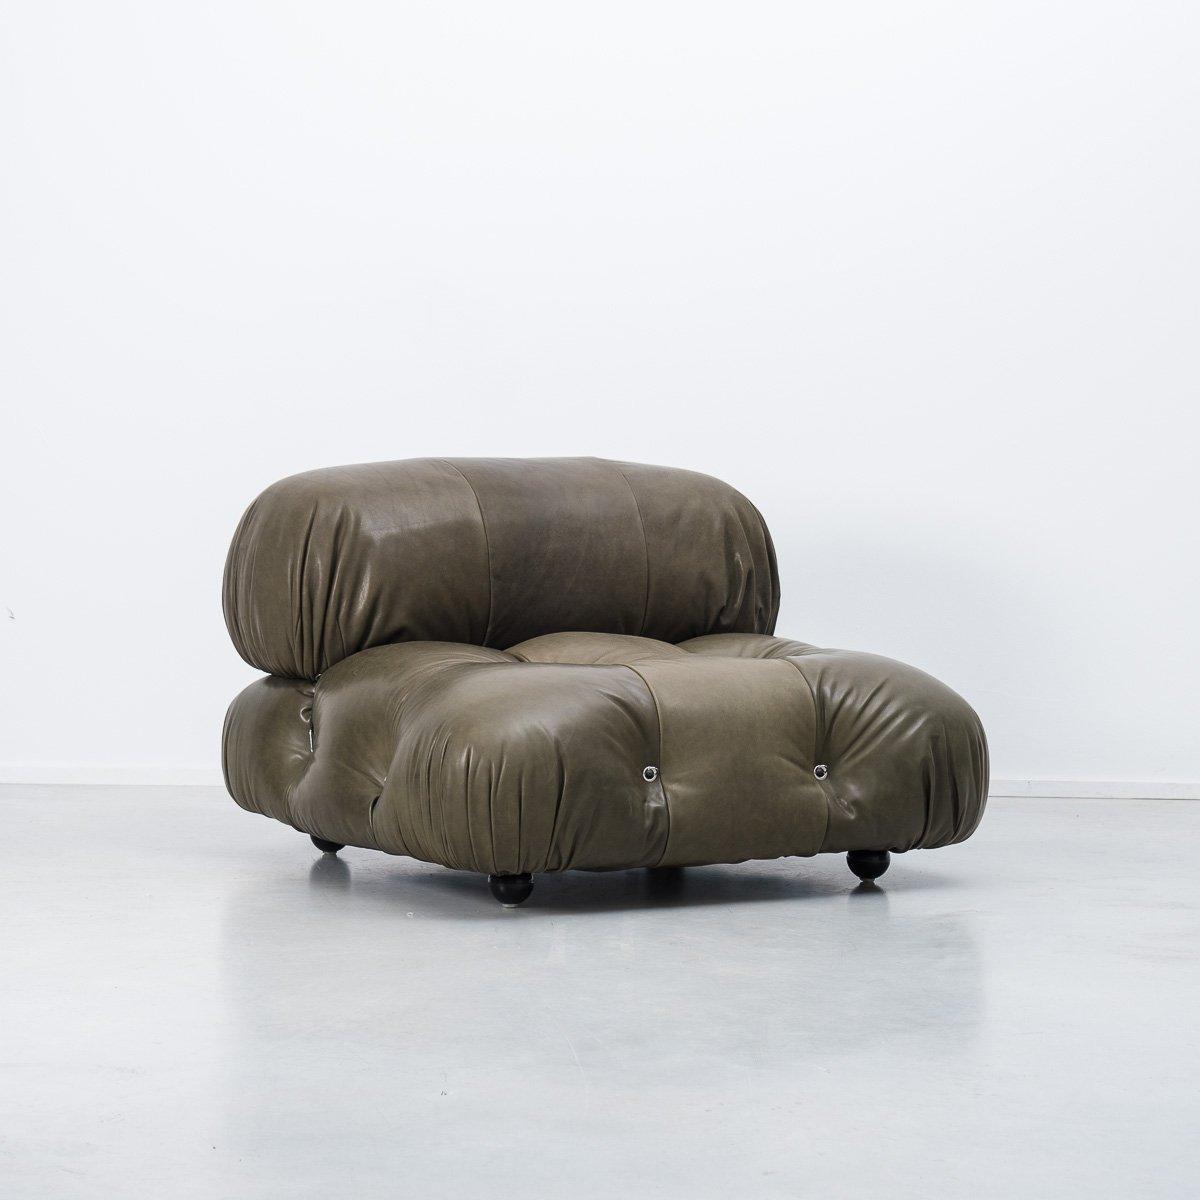 Camaleonda Modular Sofa By Mario Bellini For B B Italia